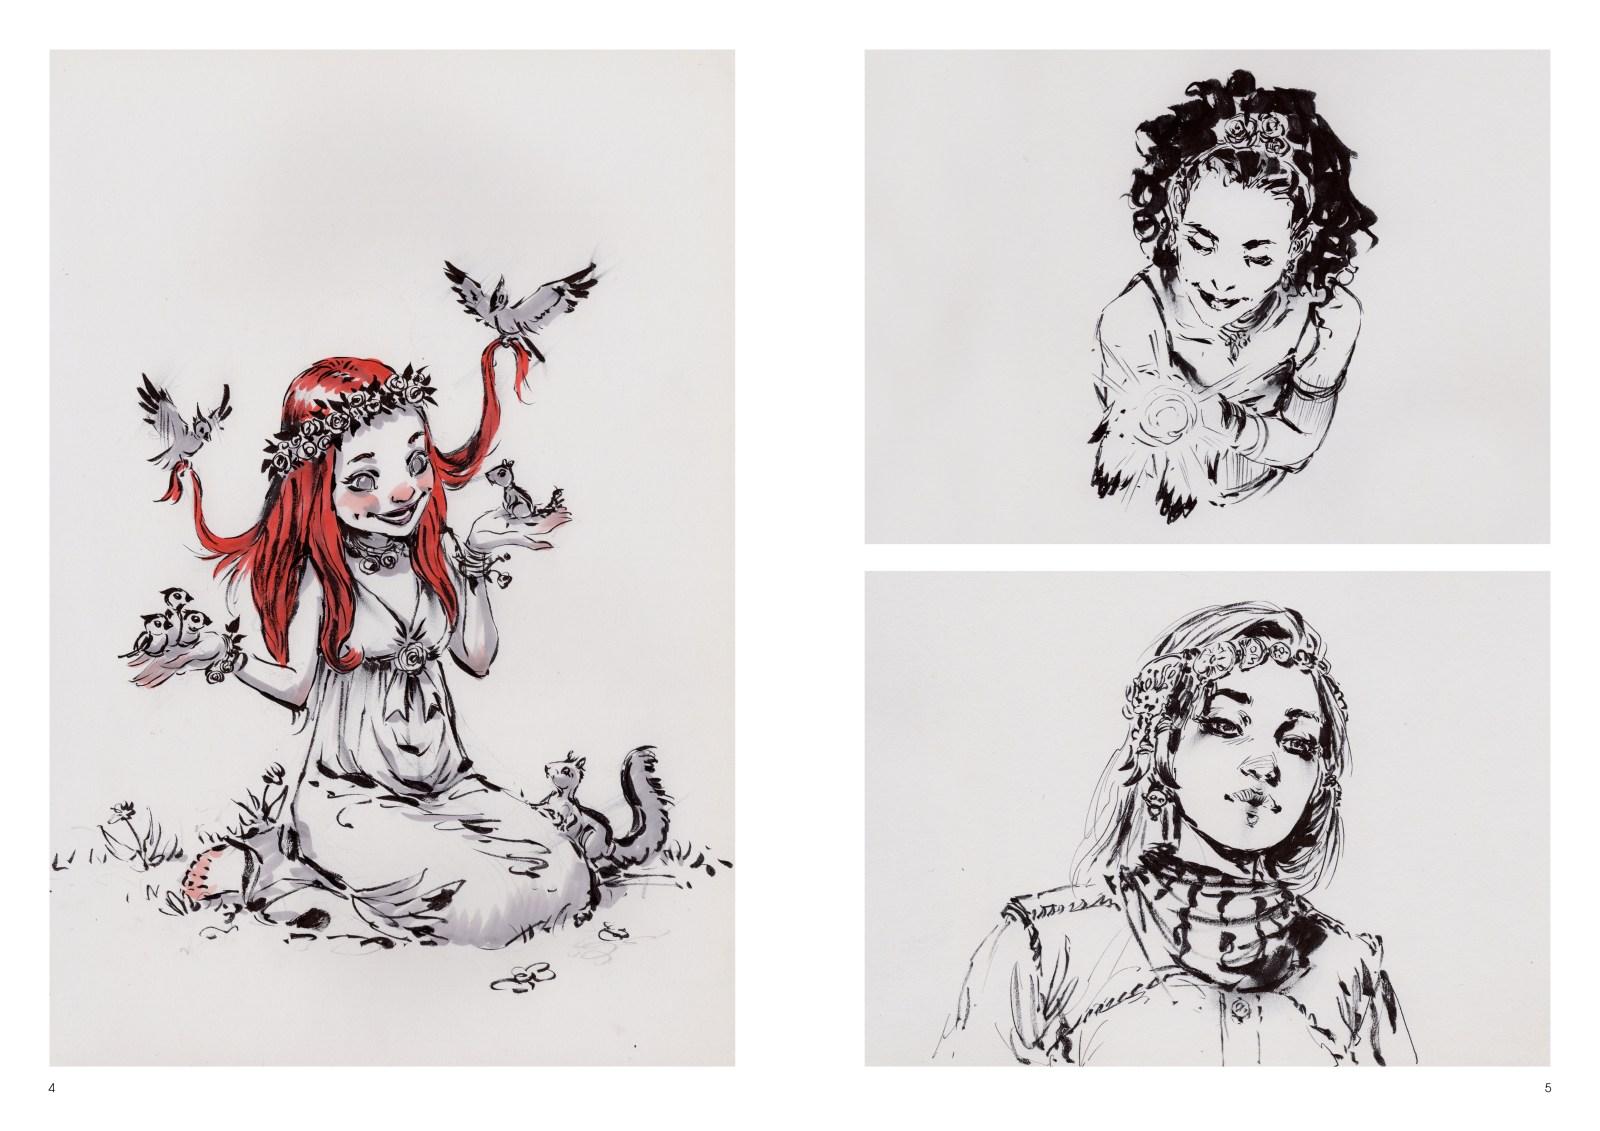 Image de l'artbook Daya de Daniel Landerman. Portaits féériques.